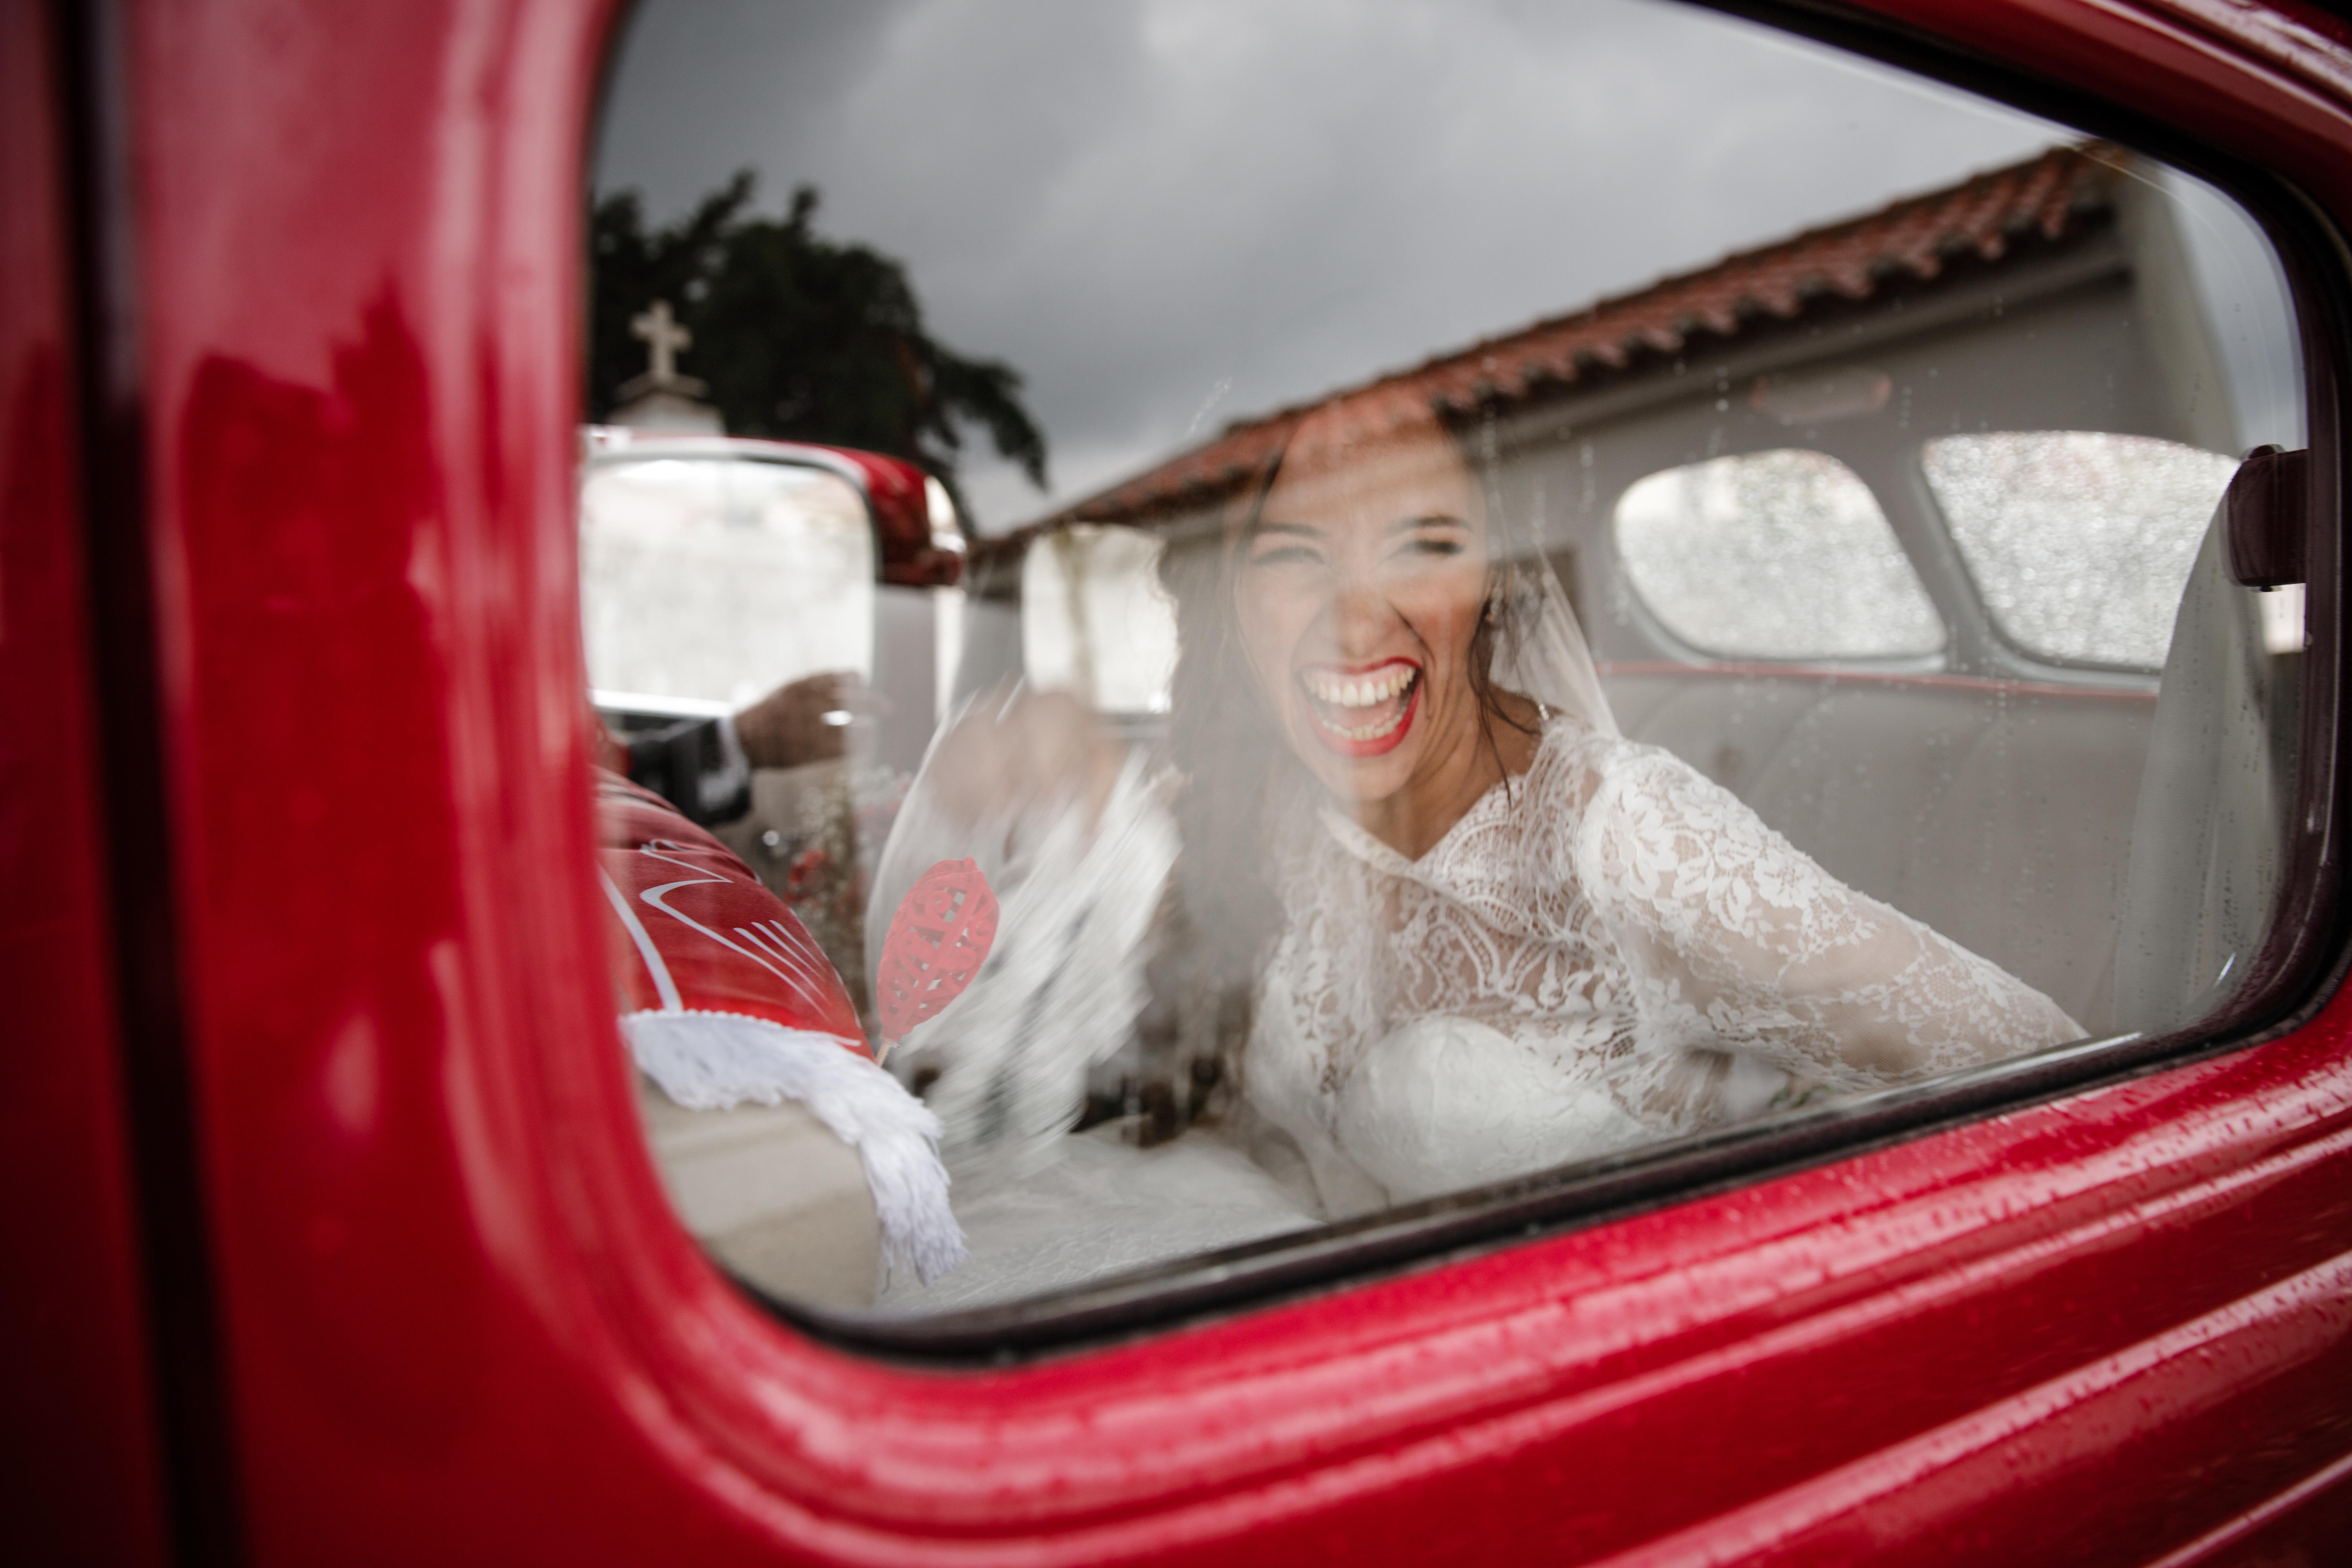 Contate Ludgi Fotografos - Fotógrafos de Casamento, Estúdio e Newborn em Setúbal